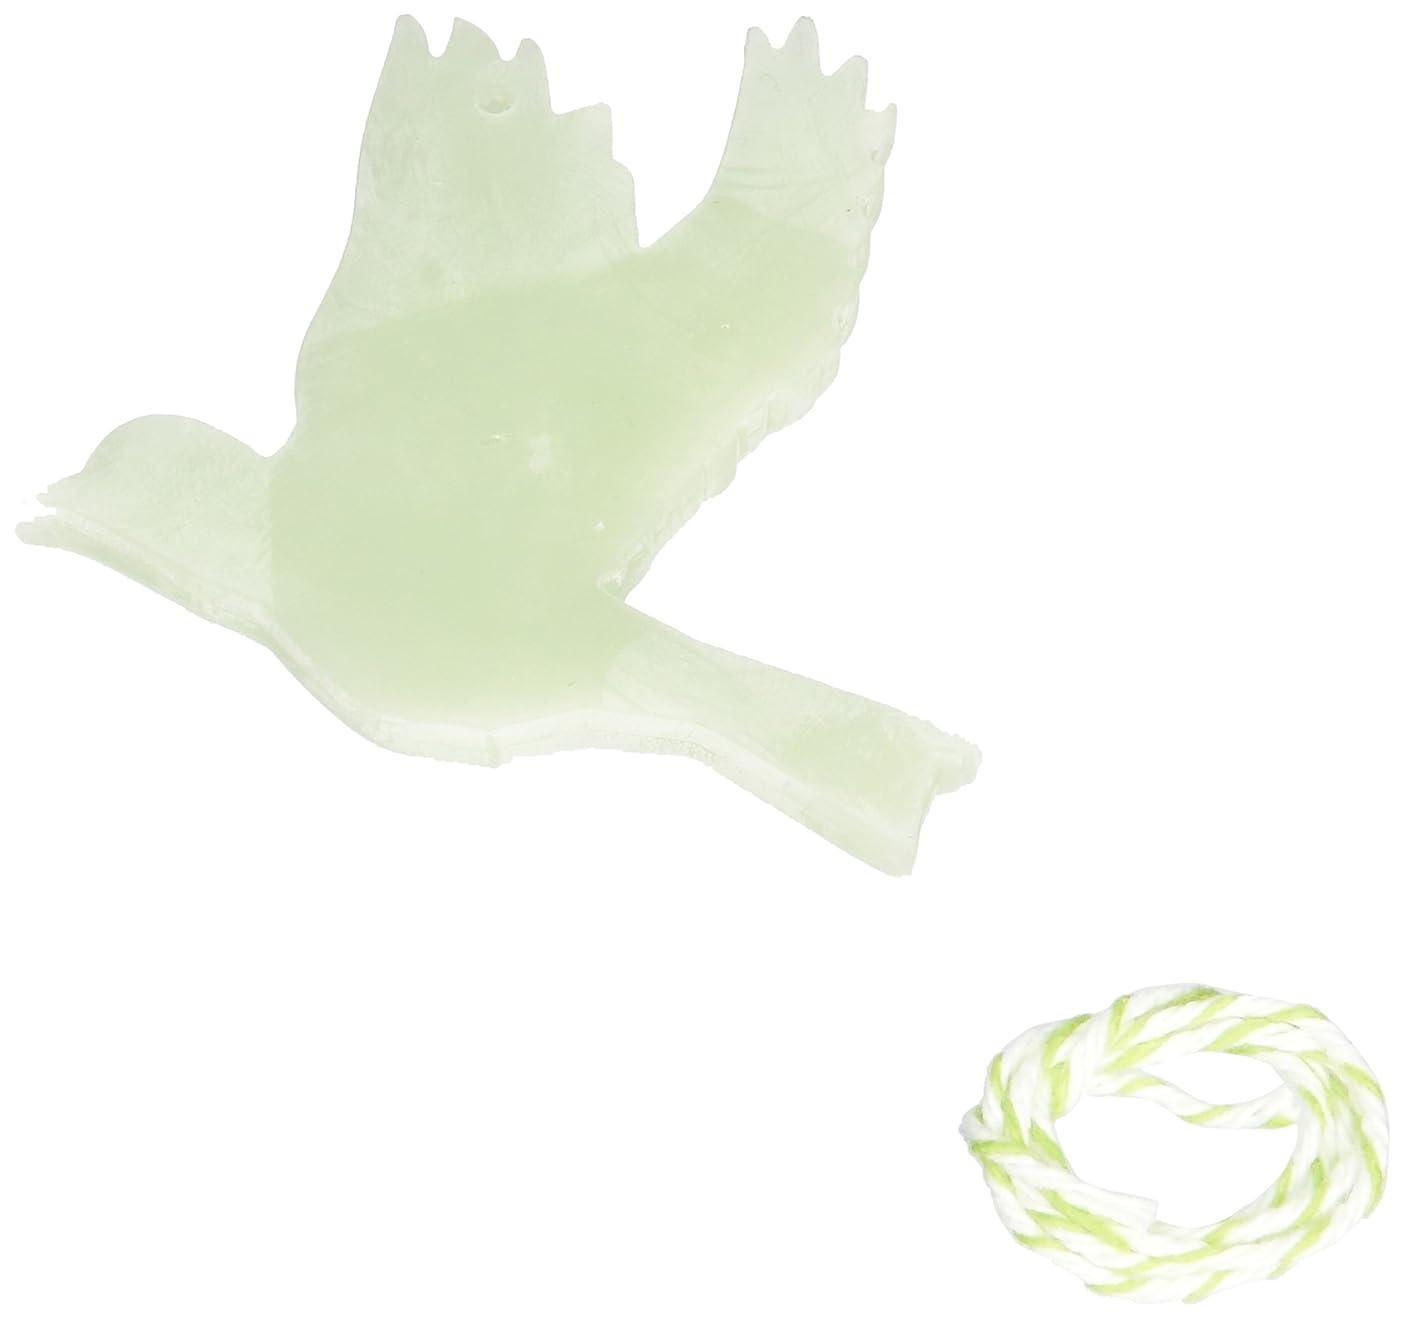 高音犬ラッカスGRASSE TOKYO AROMATICWAXチャーム「ハト」(GR) レモングラス アロマティックワックス グラーストウキョウ